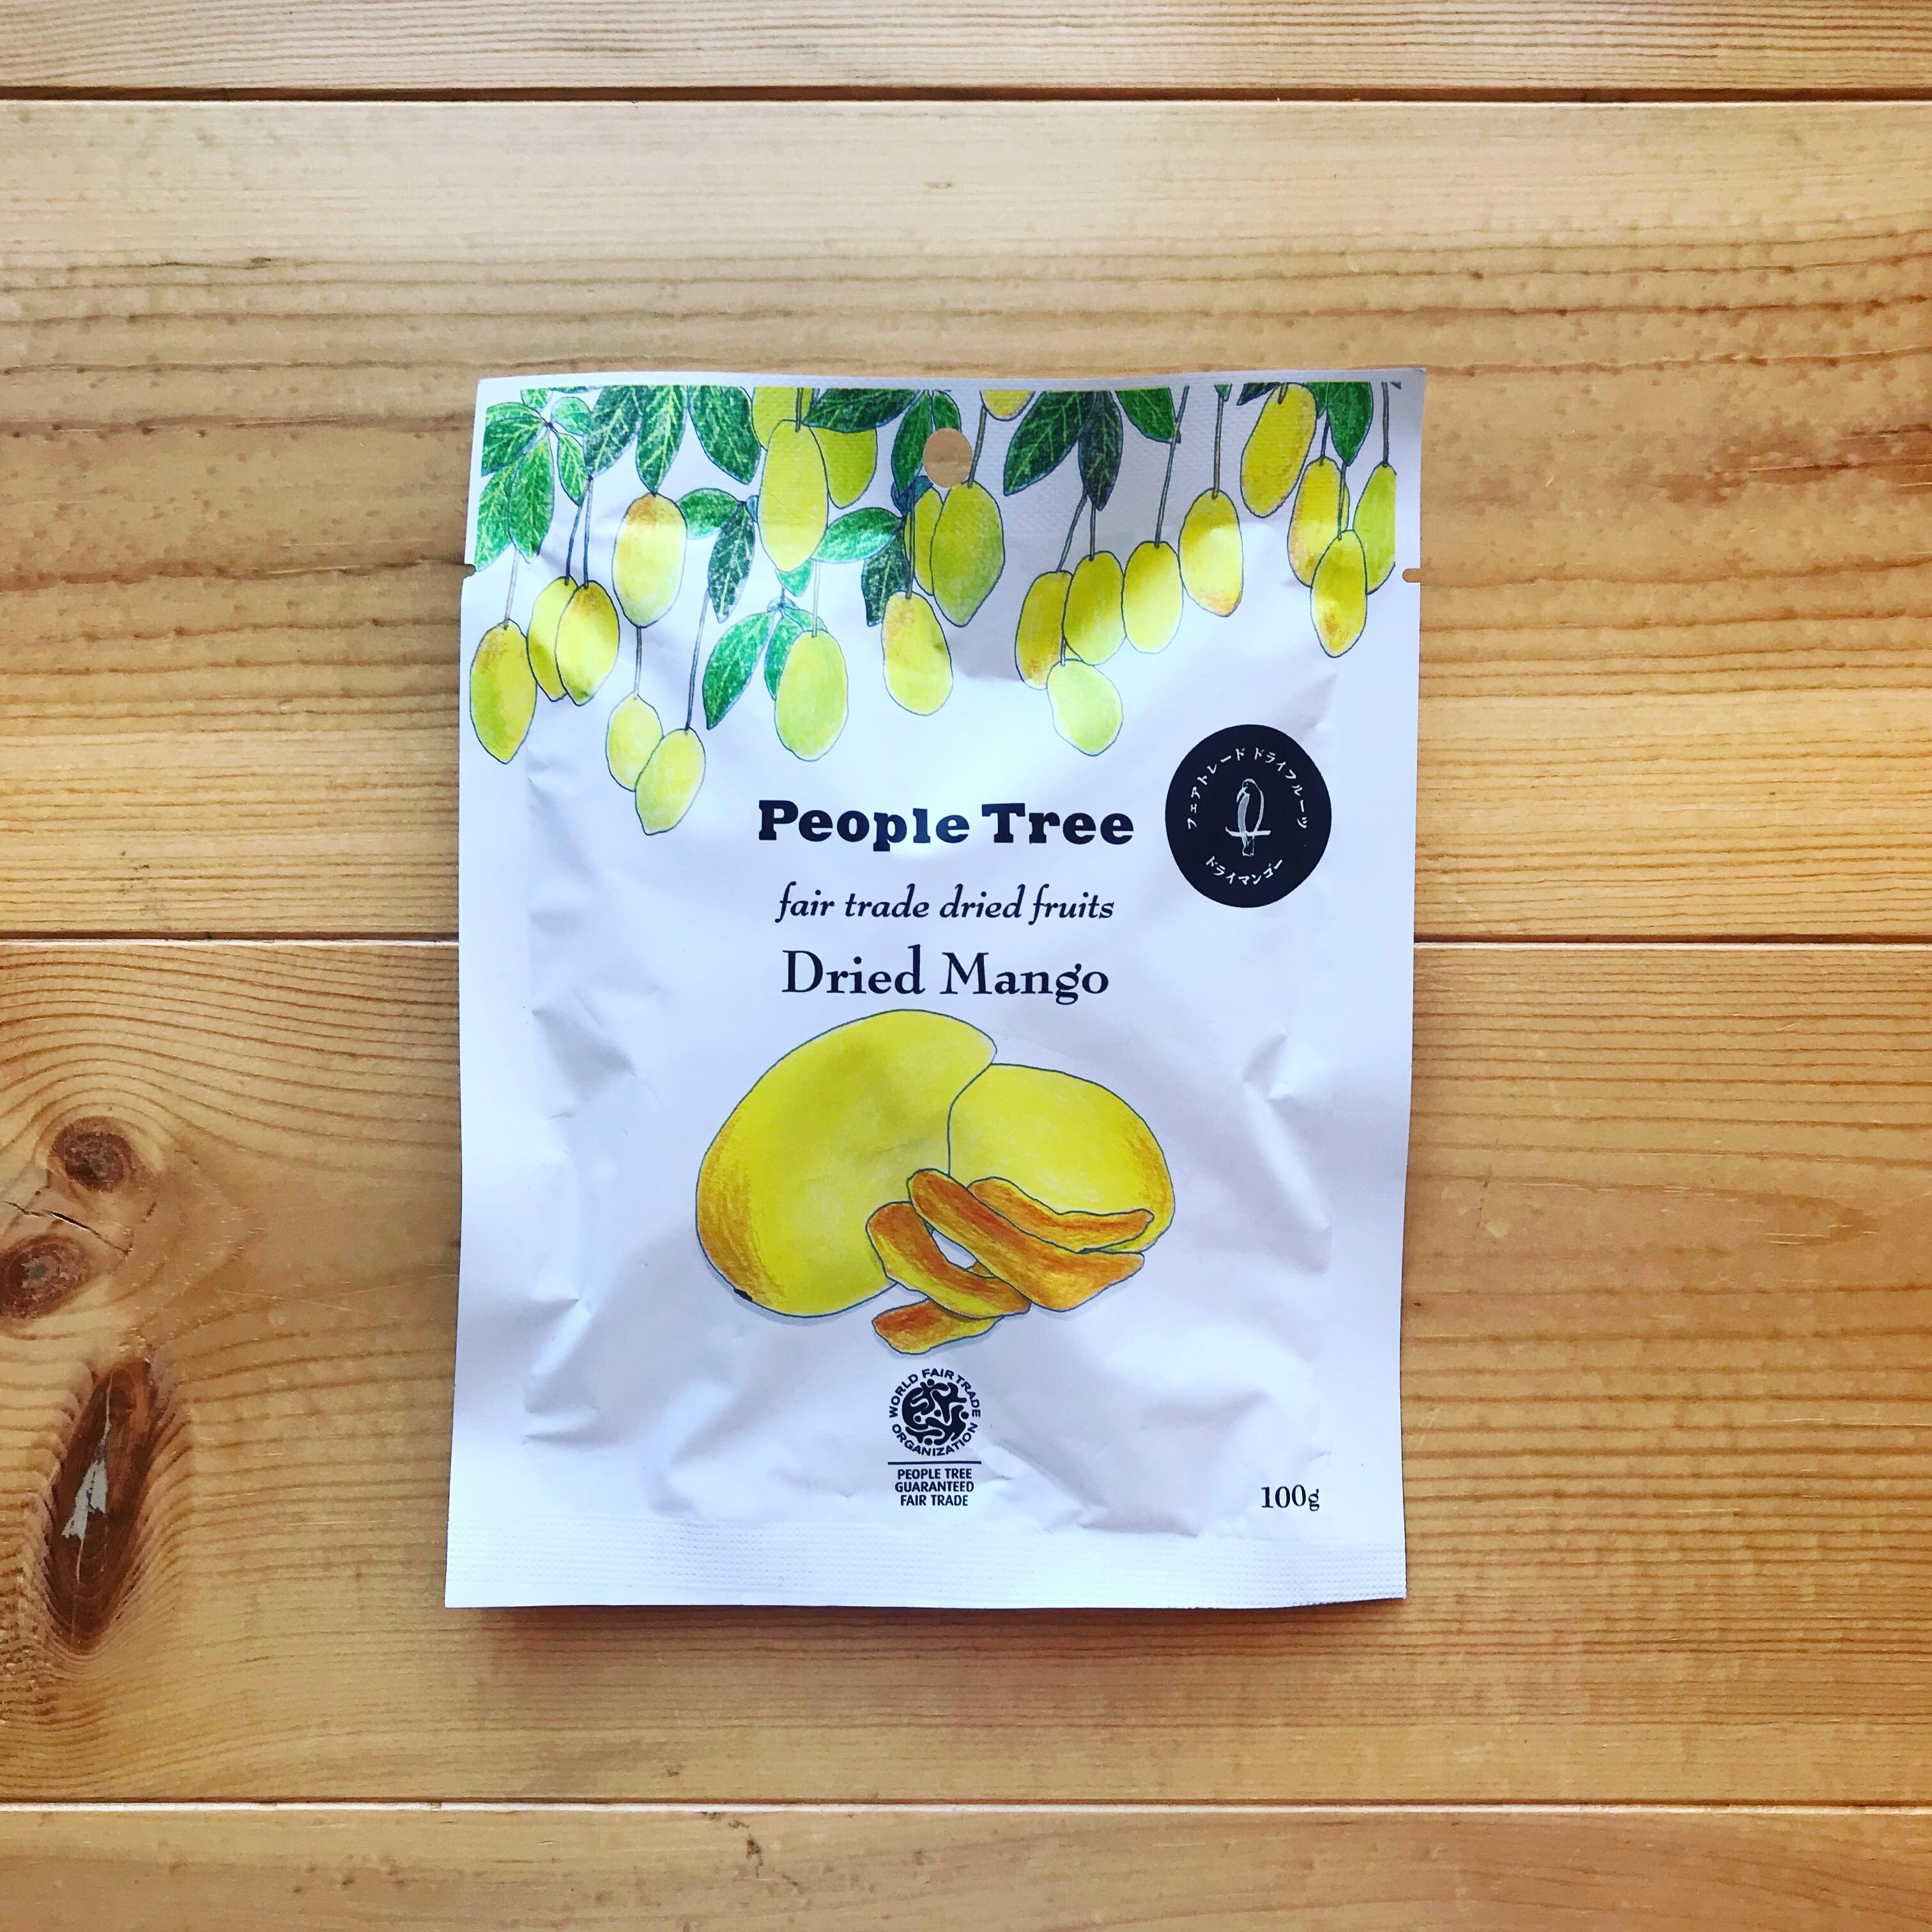 People Tree フェアトレードドライフルーツ プレダのマンゴー 100g